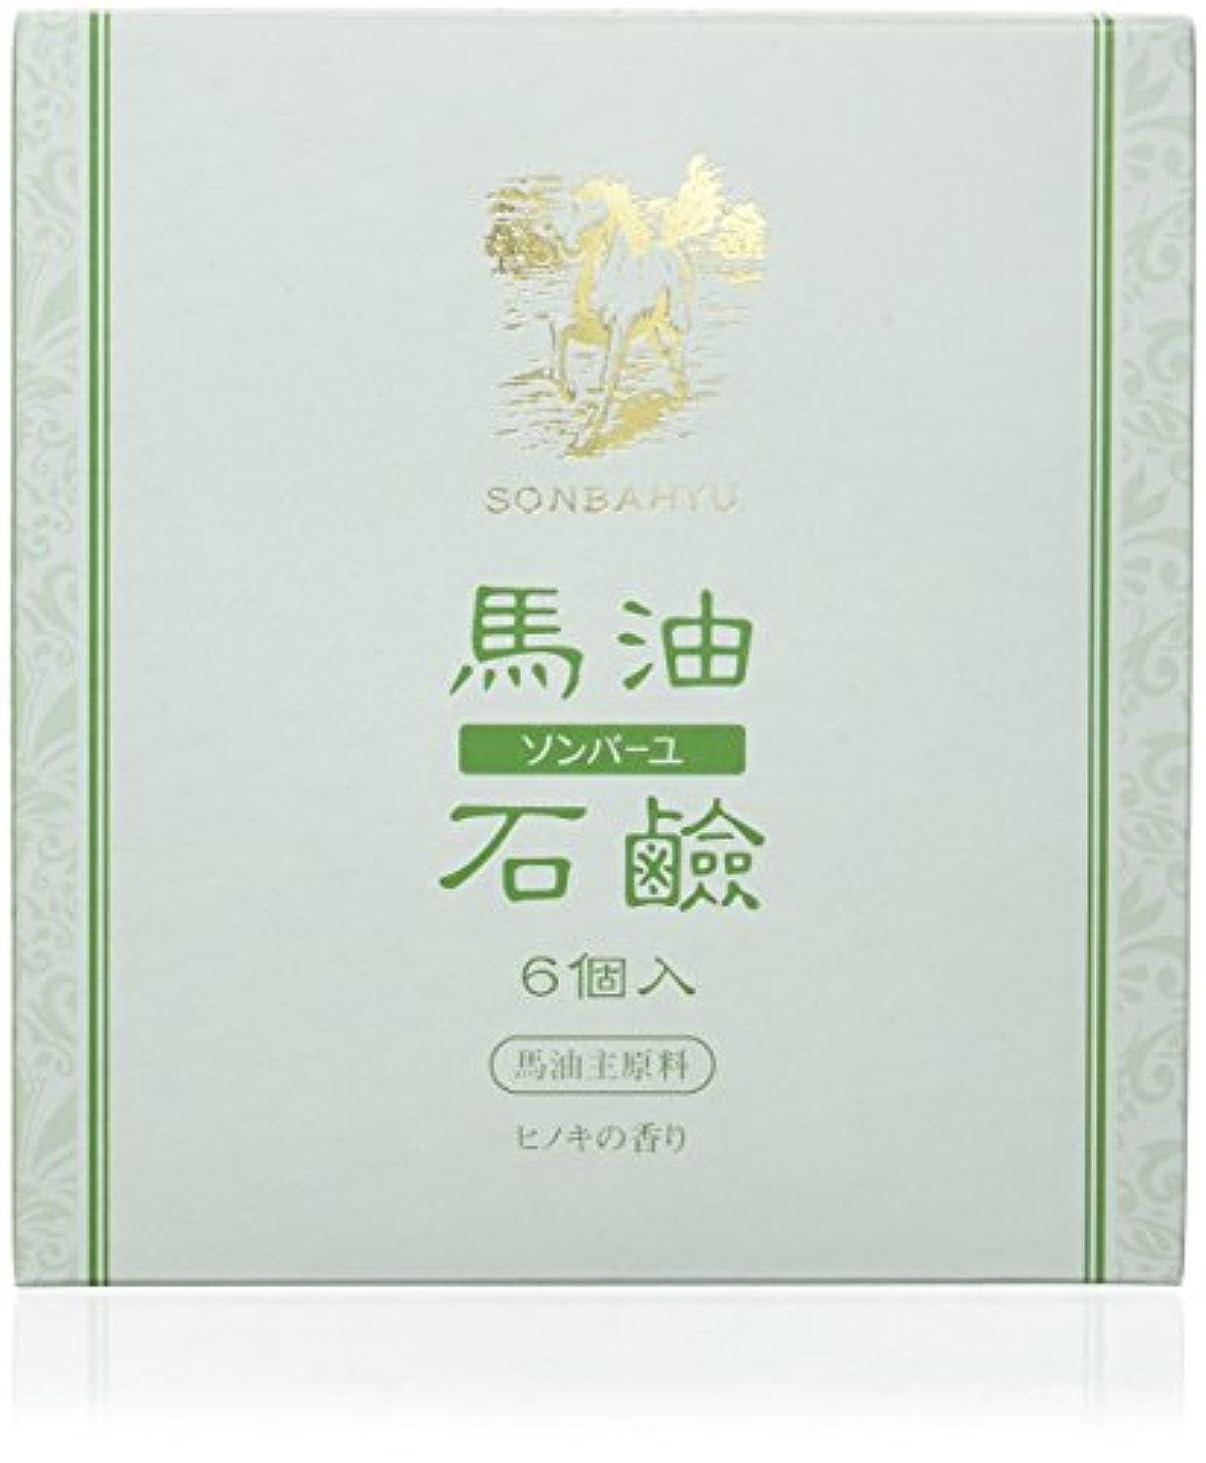 専らコンピューターを使用する曲がったソンバーユ石鹸 85g×6個 ヒノキの香り